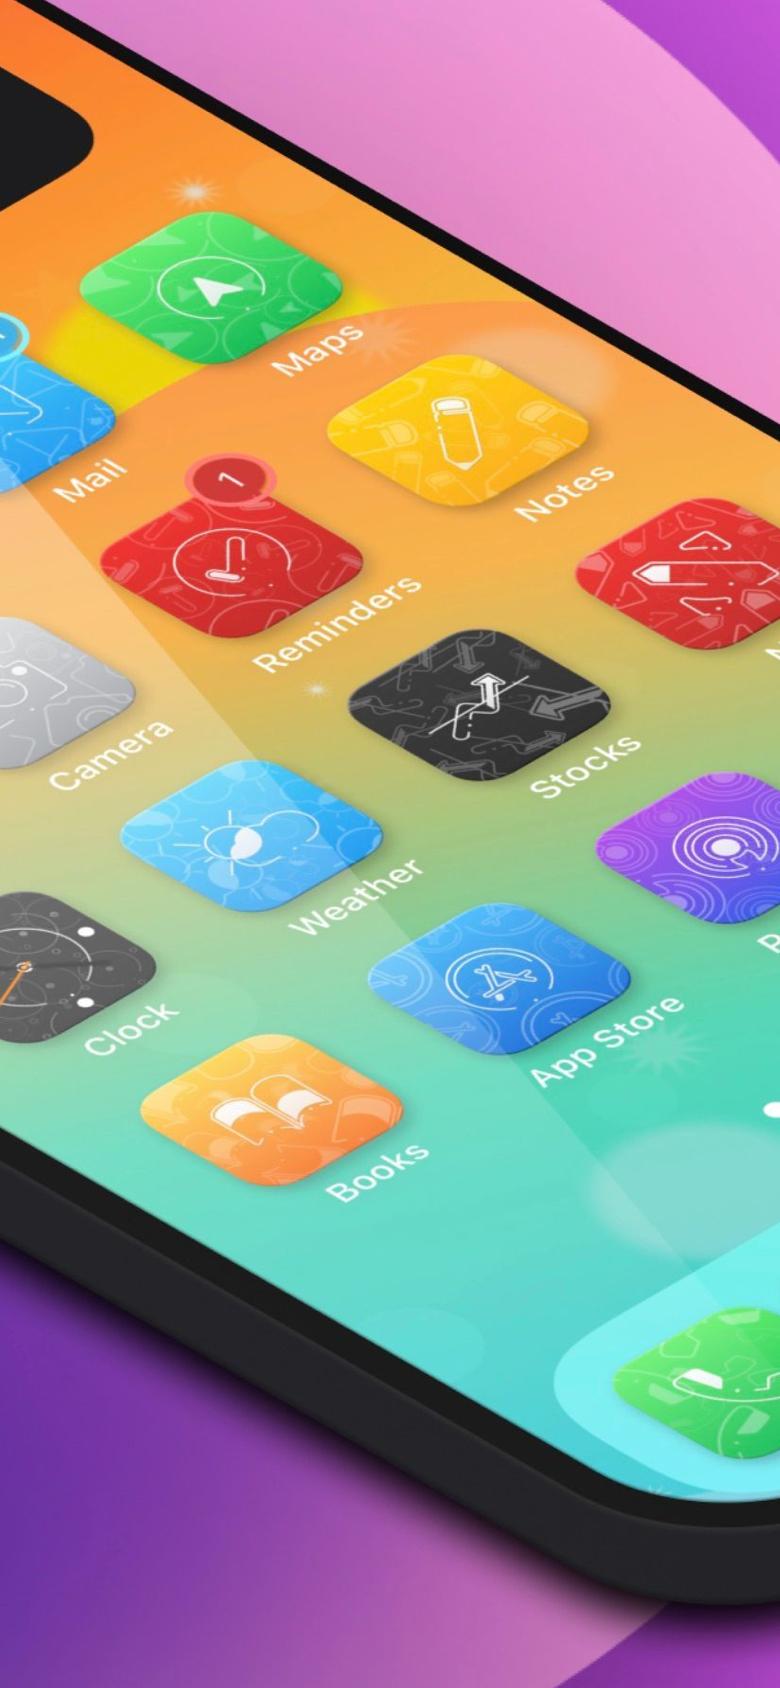 Download Confetti 1.1 free